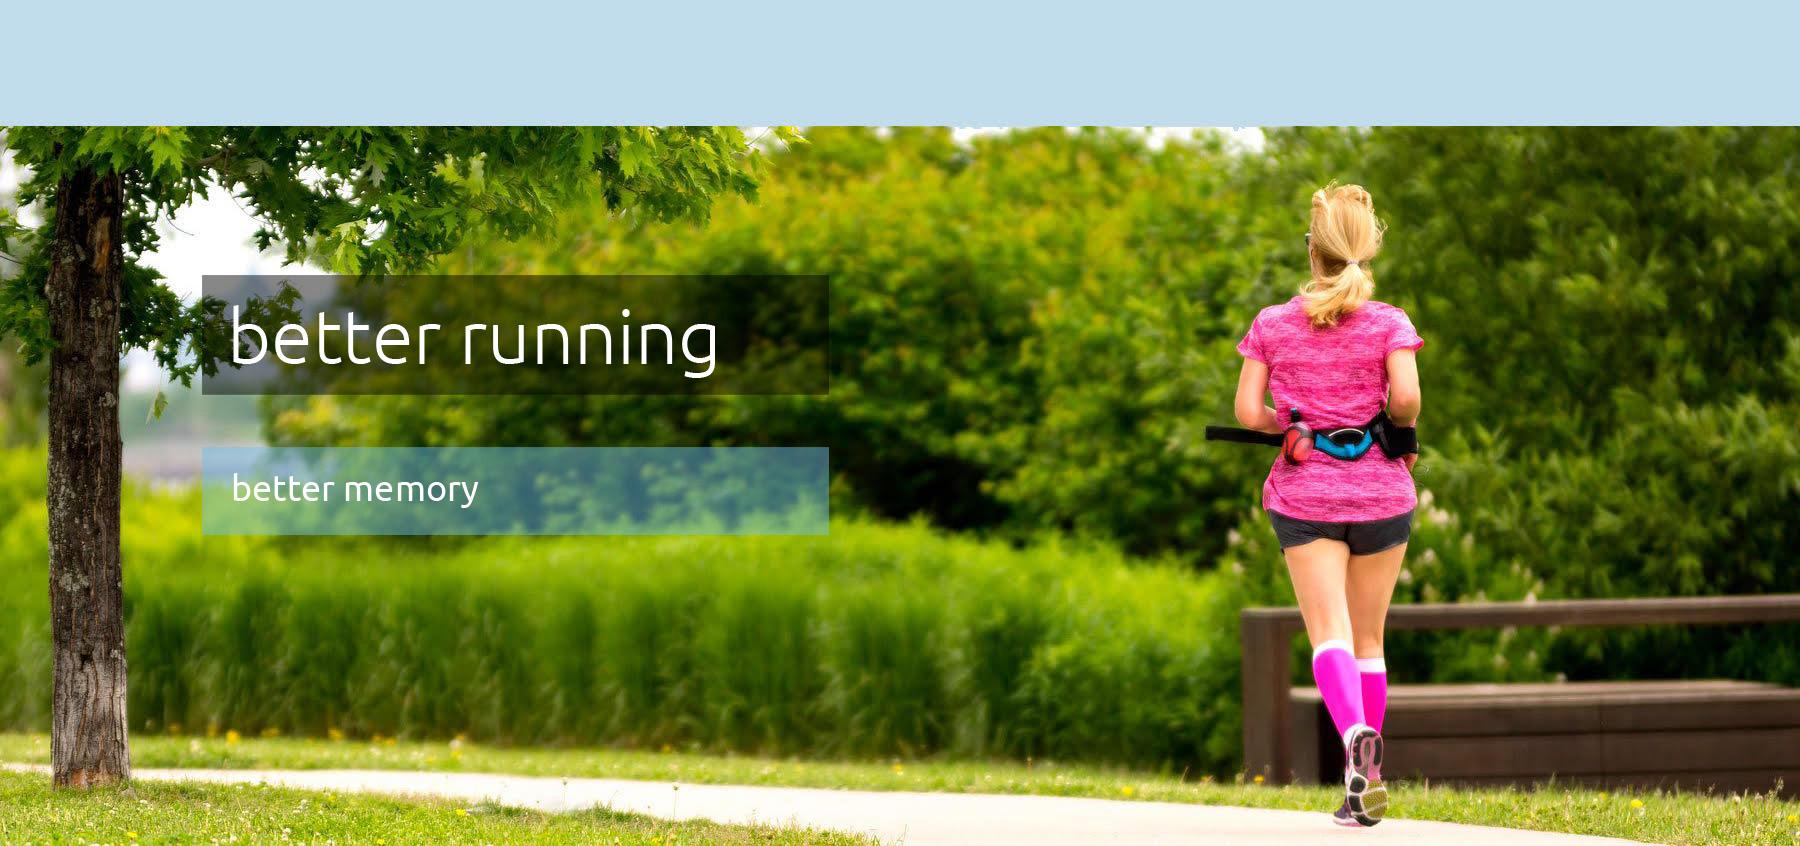 better running: better memory